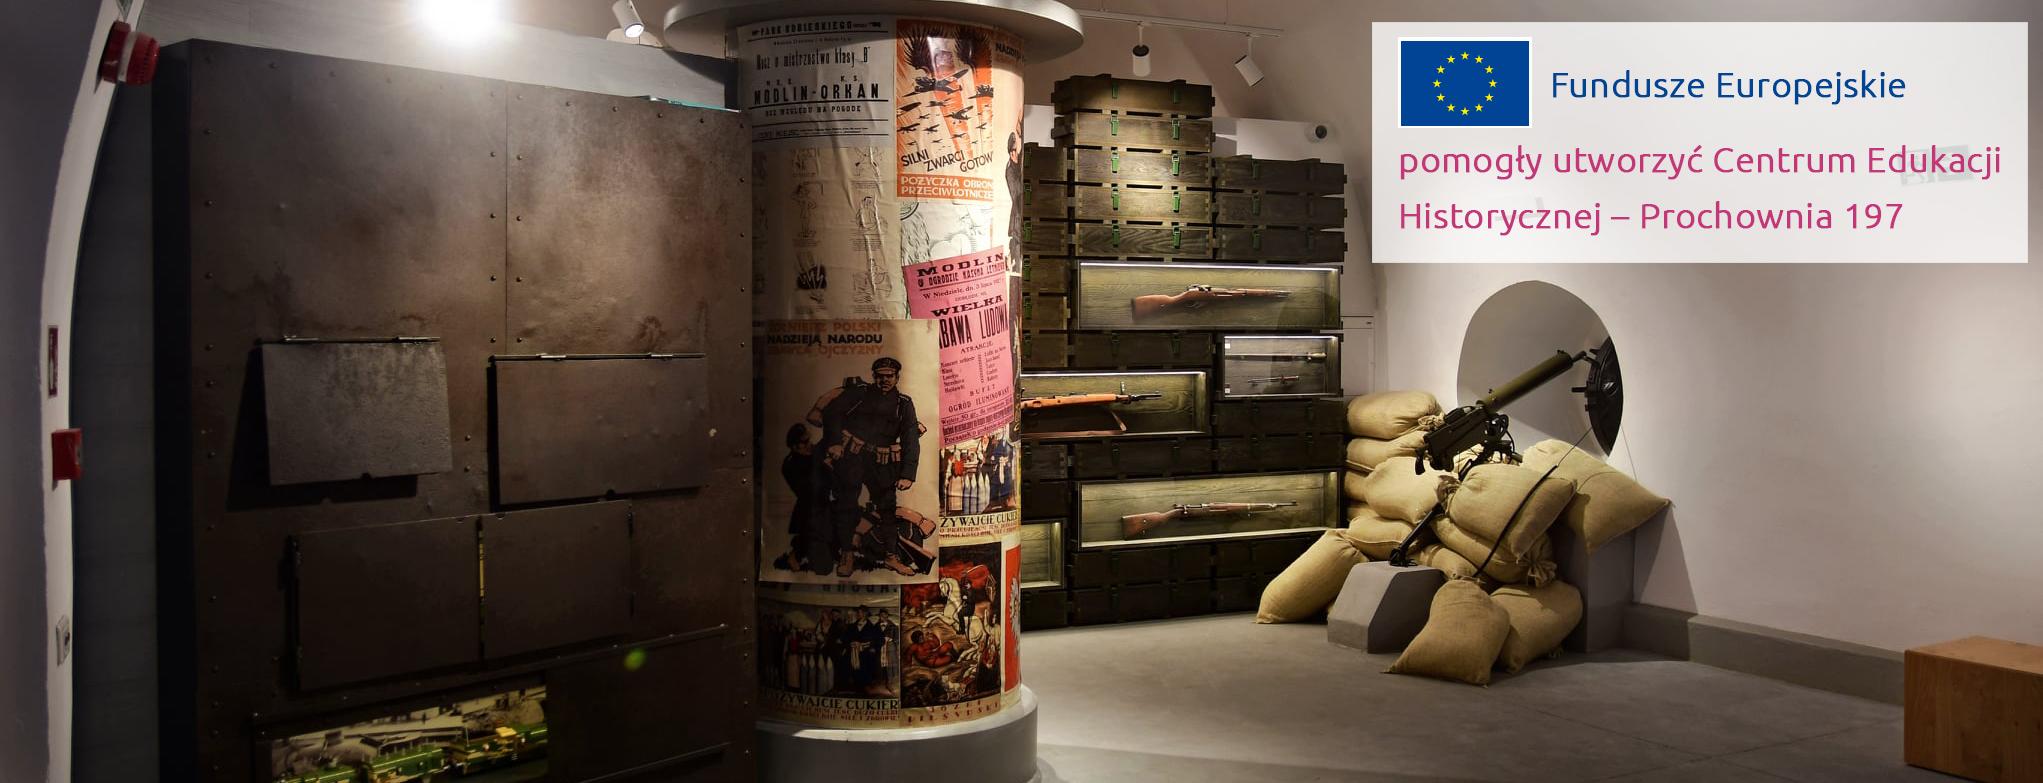 Kolekcja broni w Centrum Edukacji Historycznej Prochownia 197, autor zdjęcia: Piotr Zakrzewski